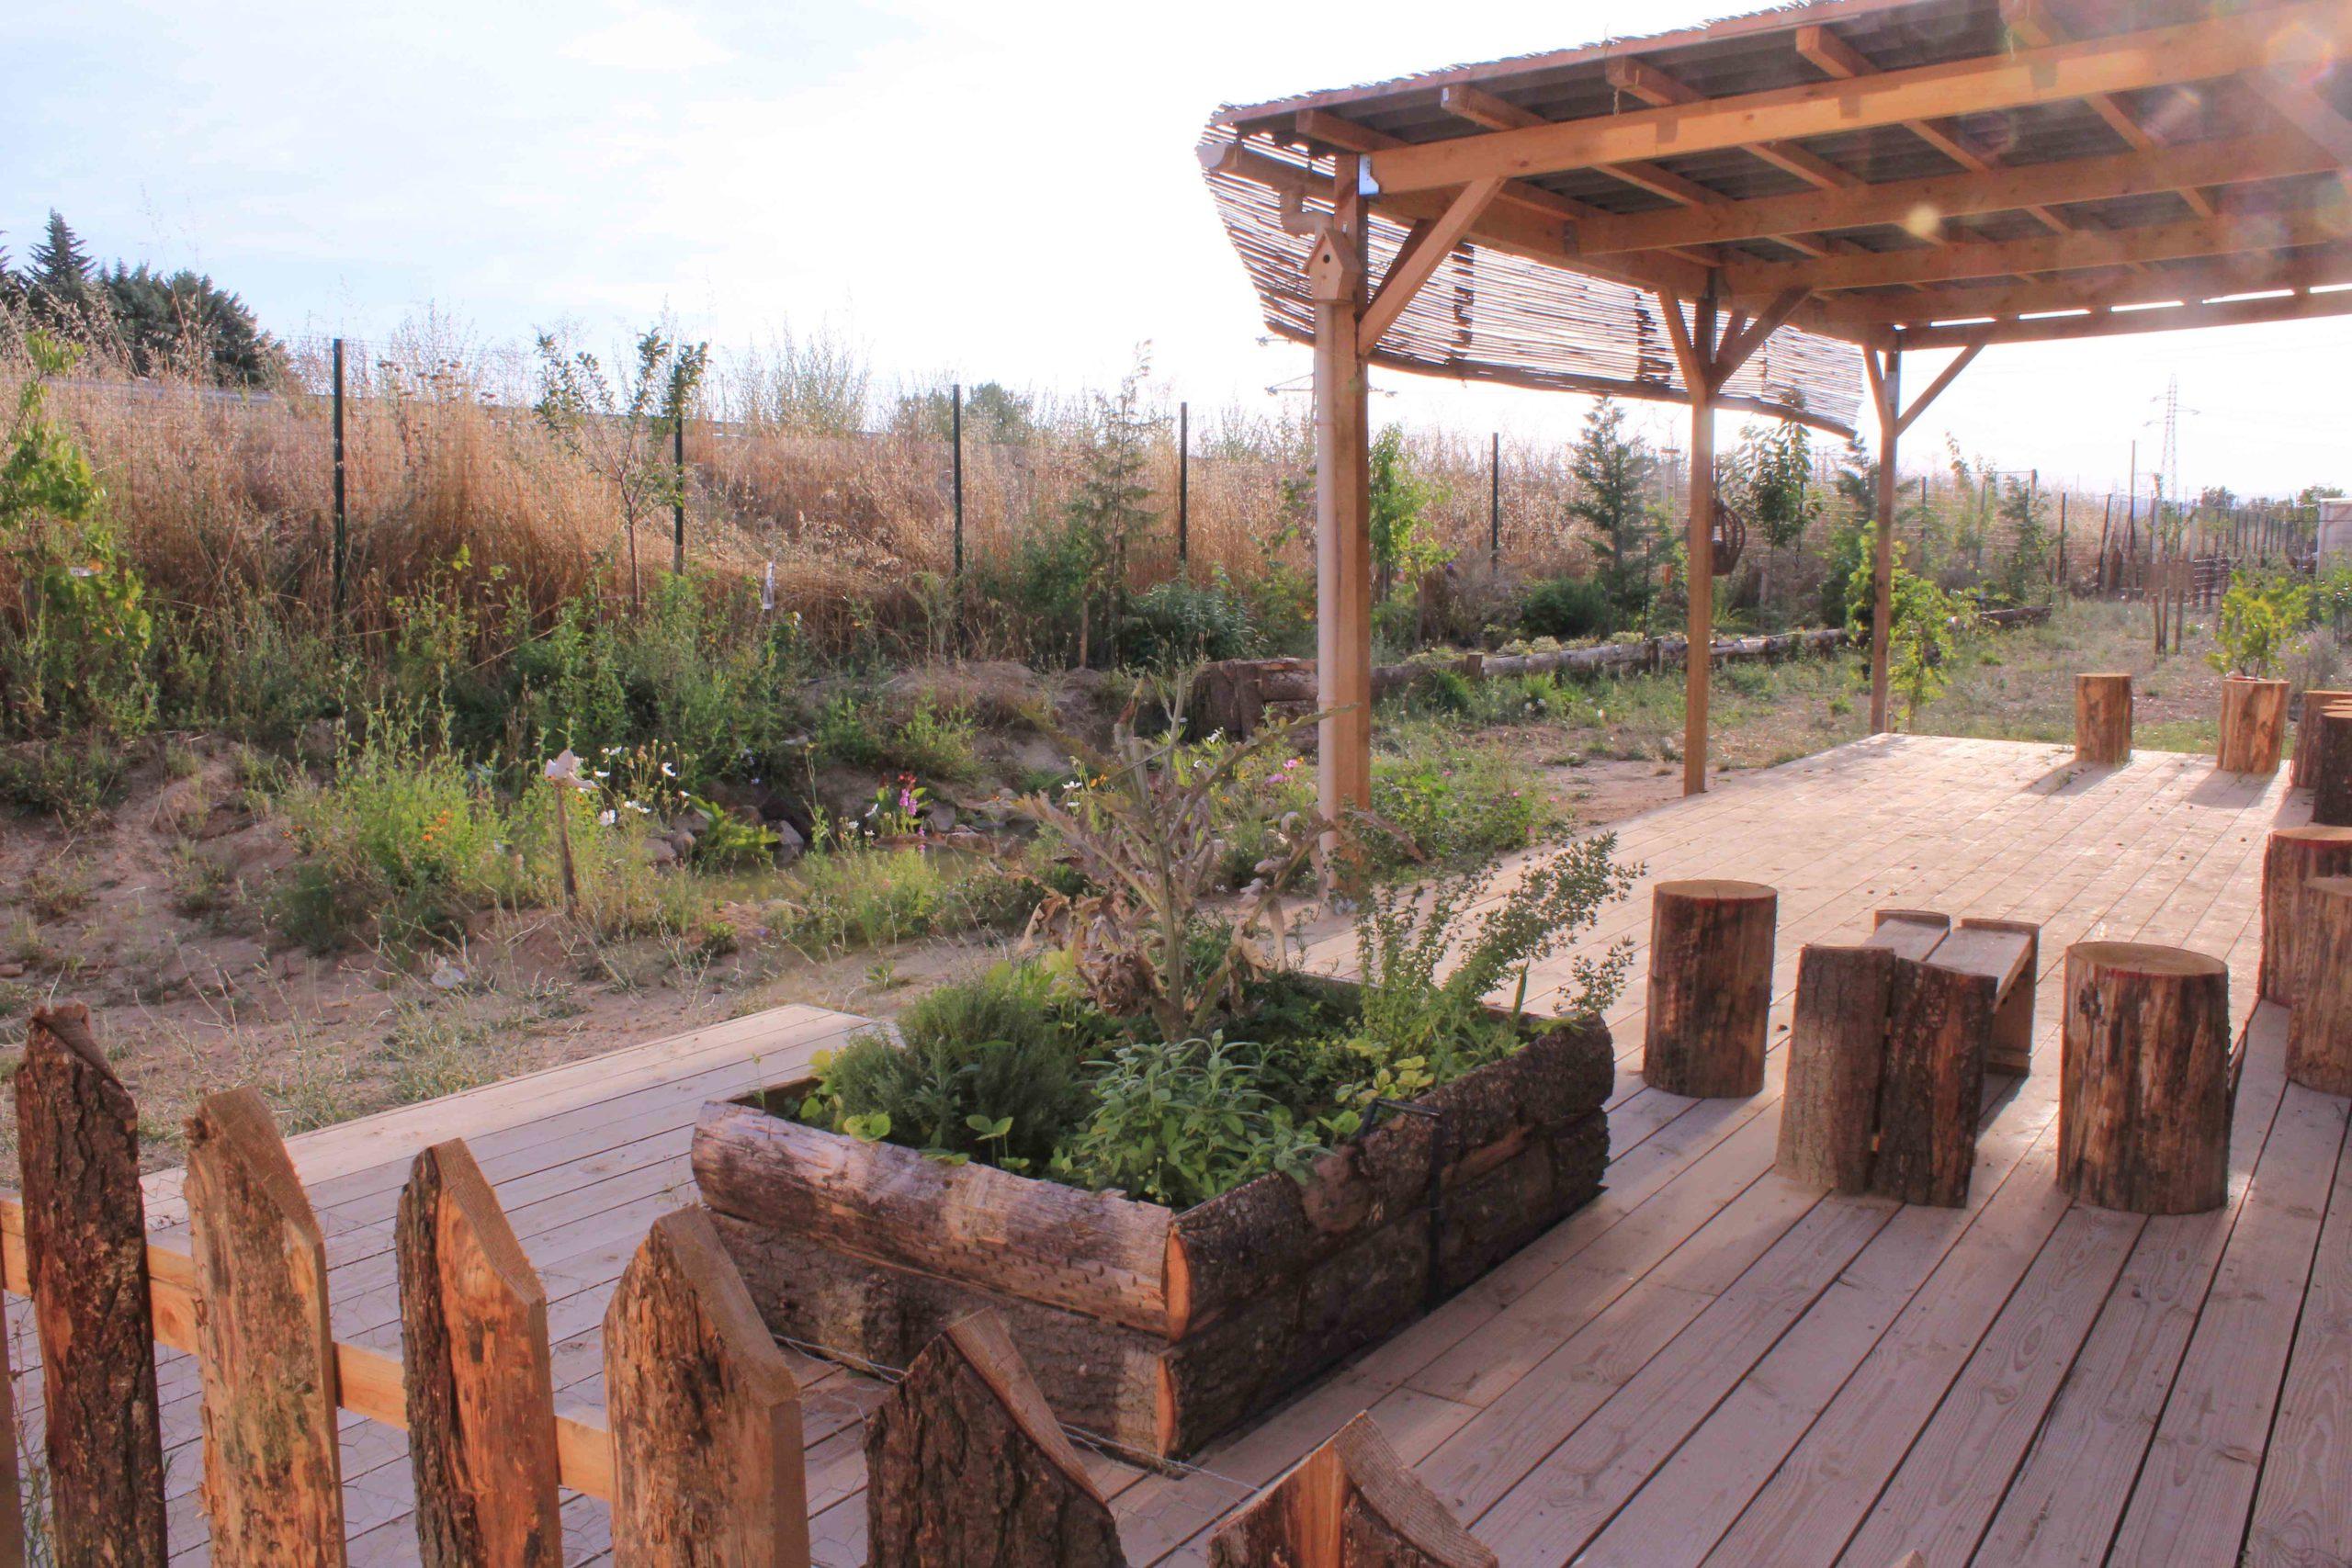 vue sur un potager d'entreprise terminé, avec terrasse, abri, clotûre en dosses, jardinière en dosses, et mare